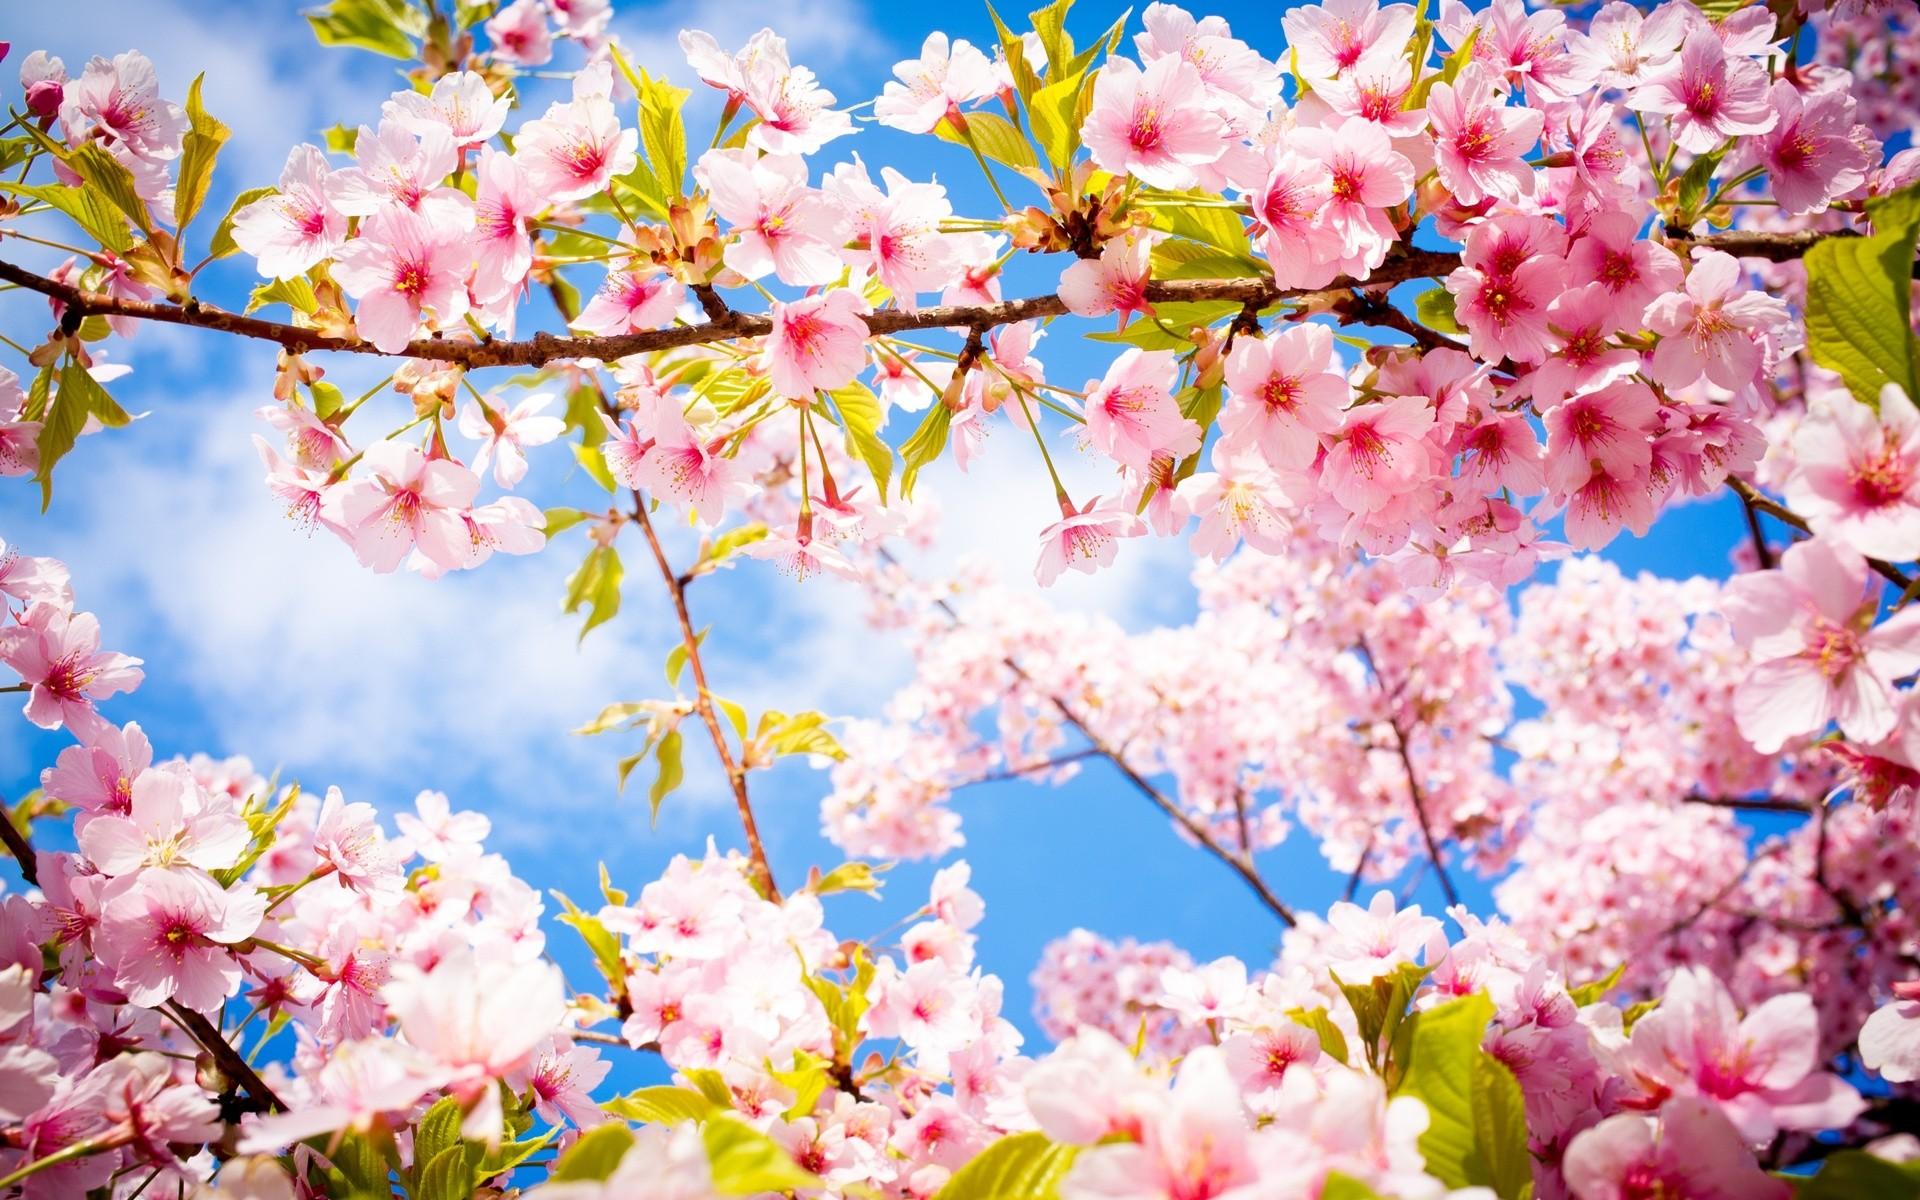 Wallpaper Fleurs De Printemps Fond Ecran Hd